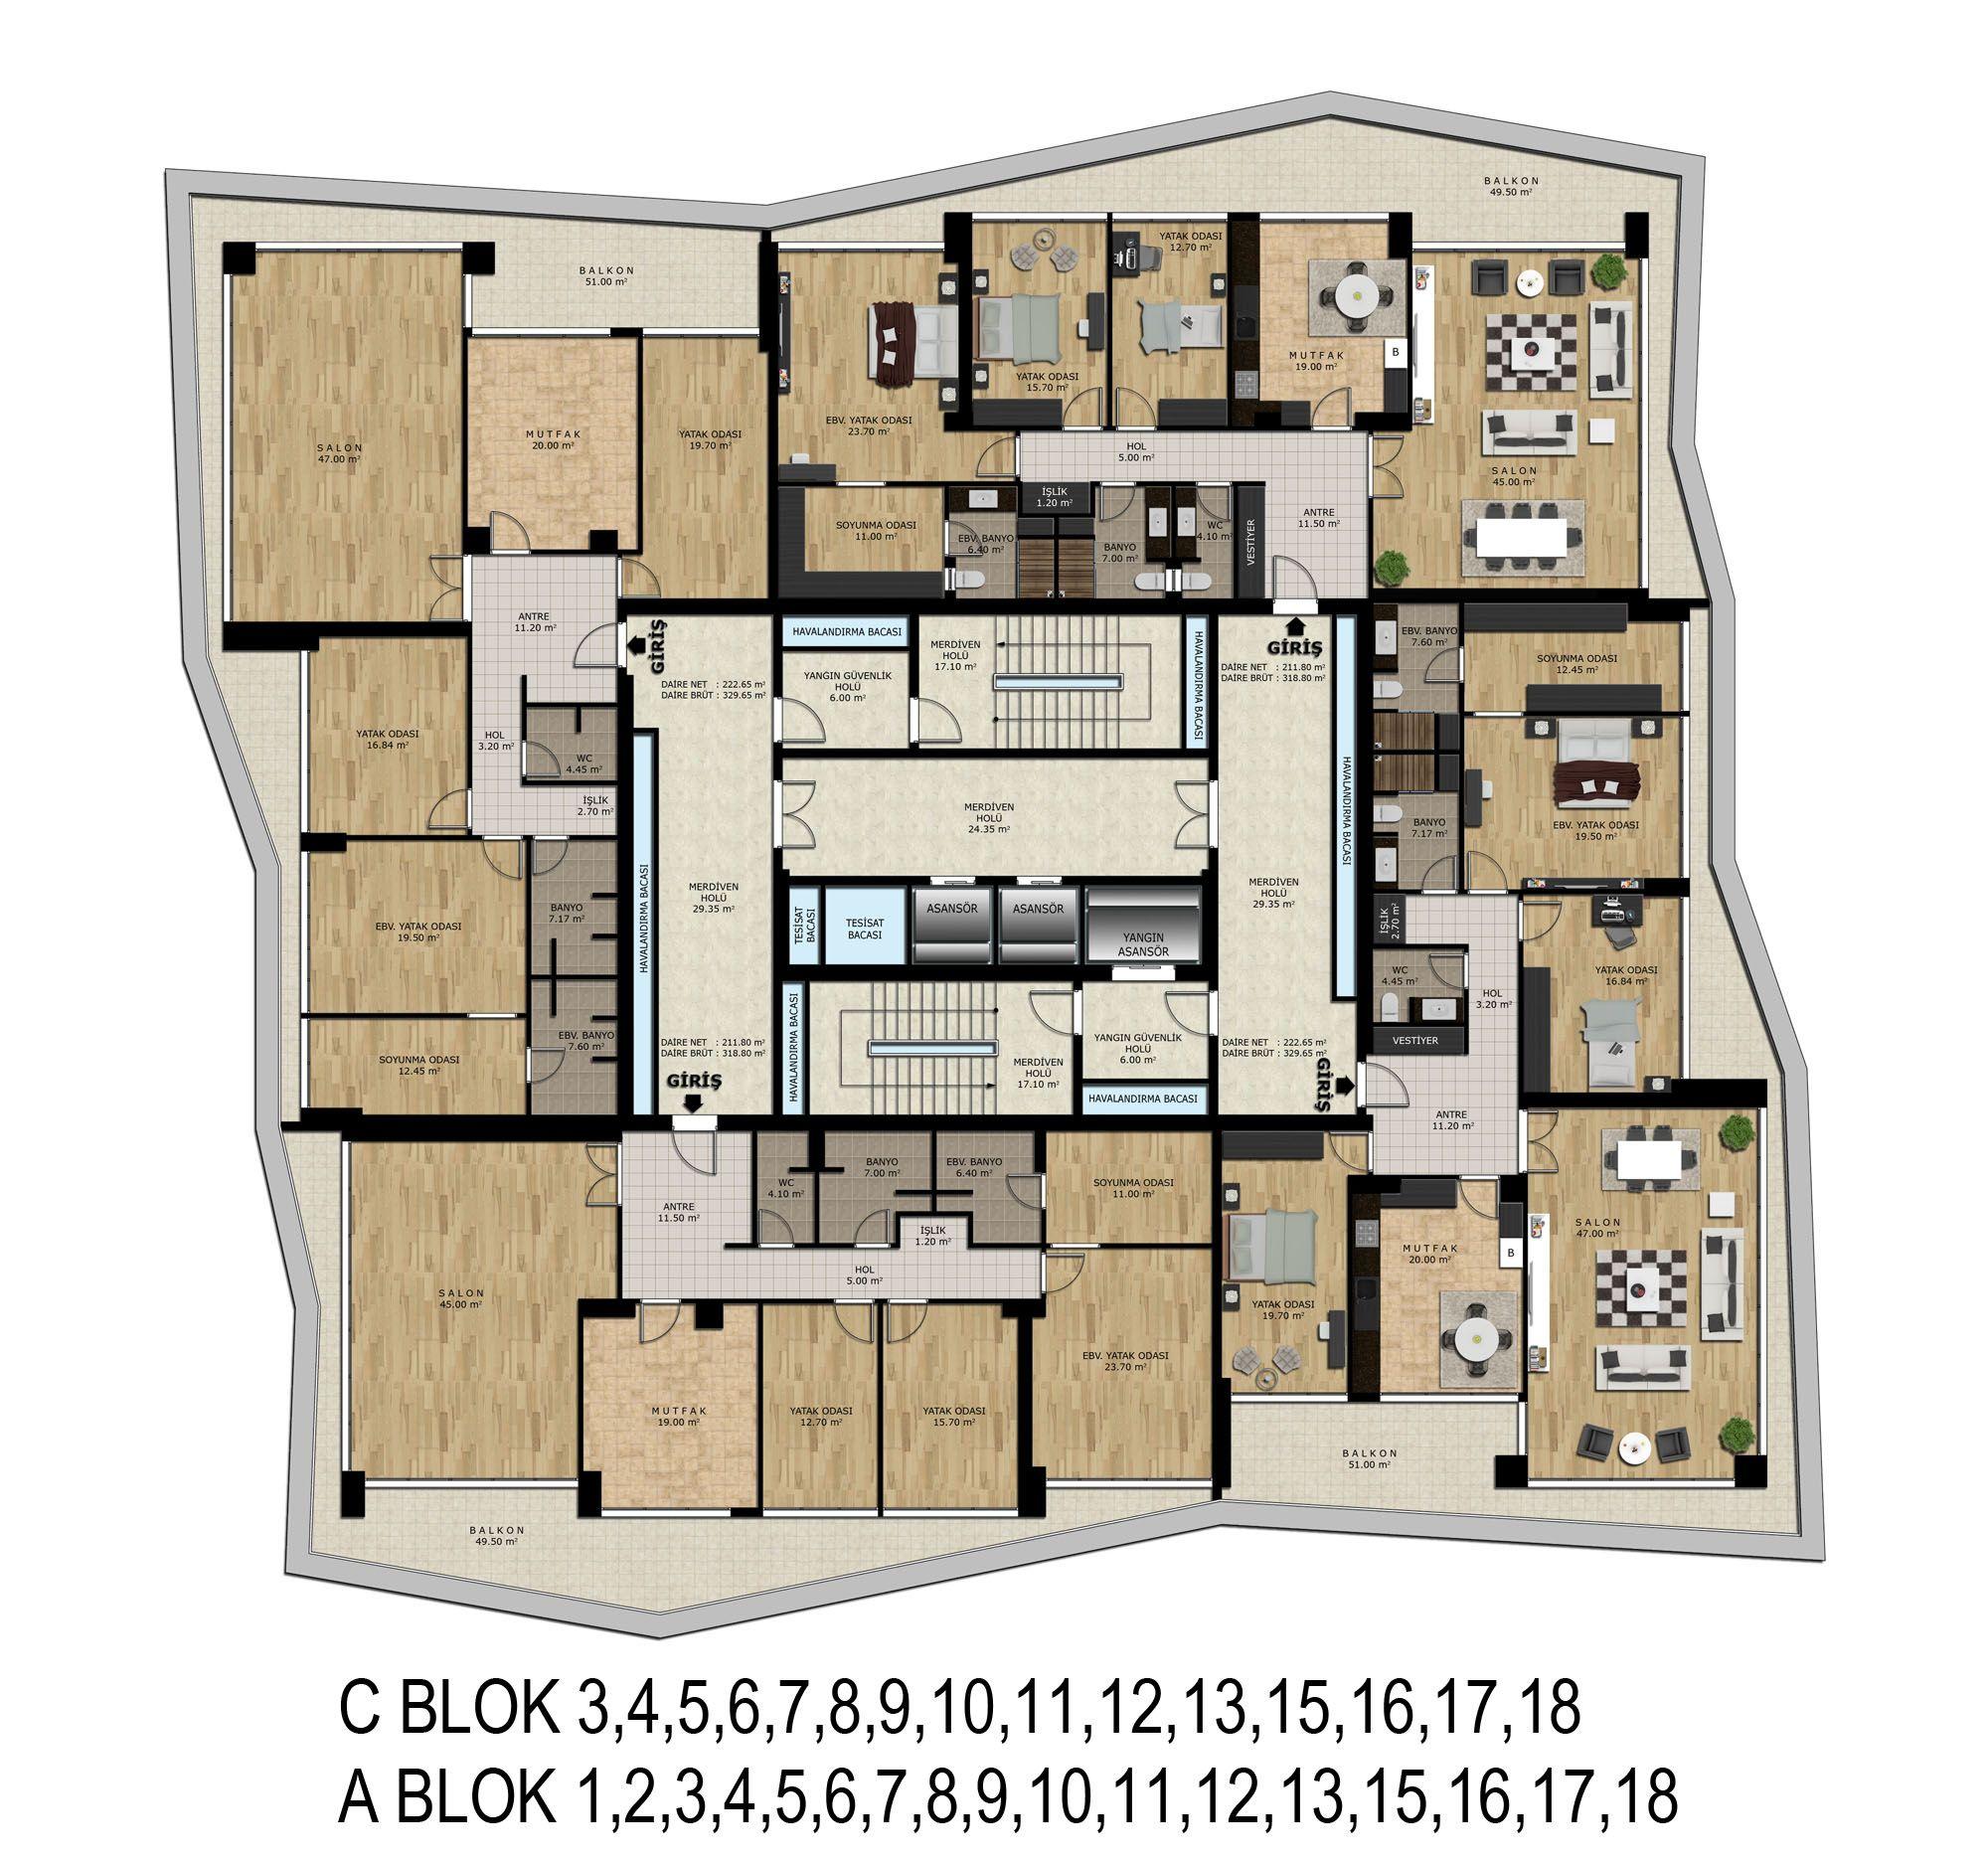 http://res.cloudinary.com/emlakjet/image/upload/v1465549750/funinnxu2lytpnp0ajvo.jpg